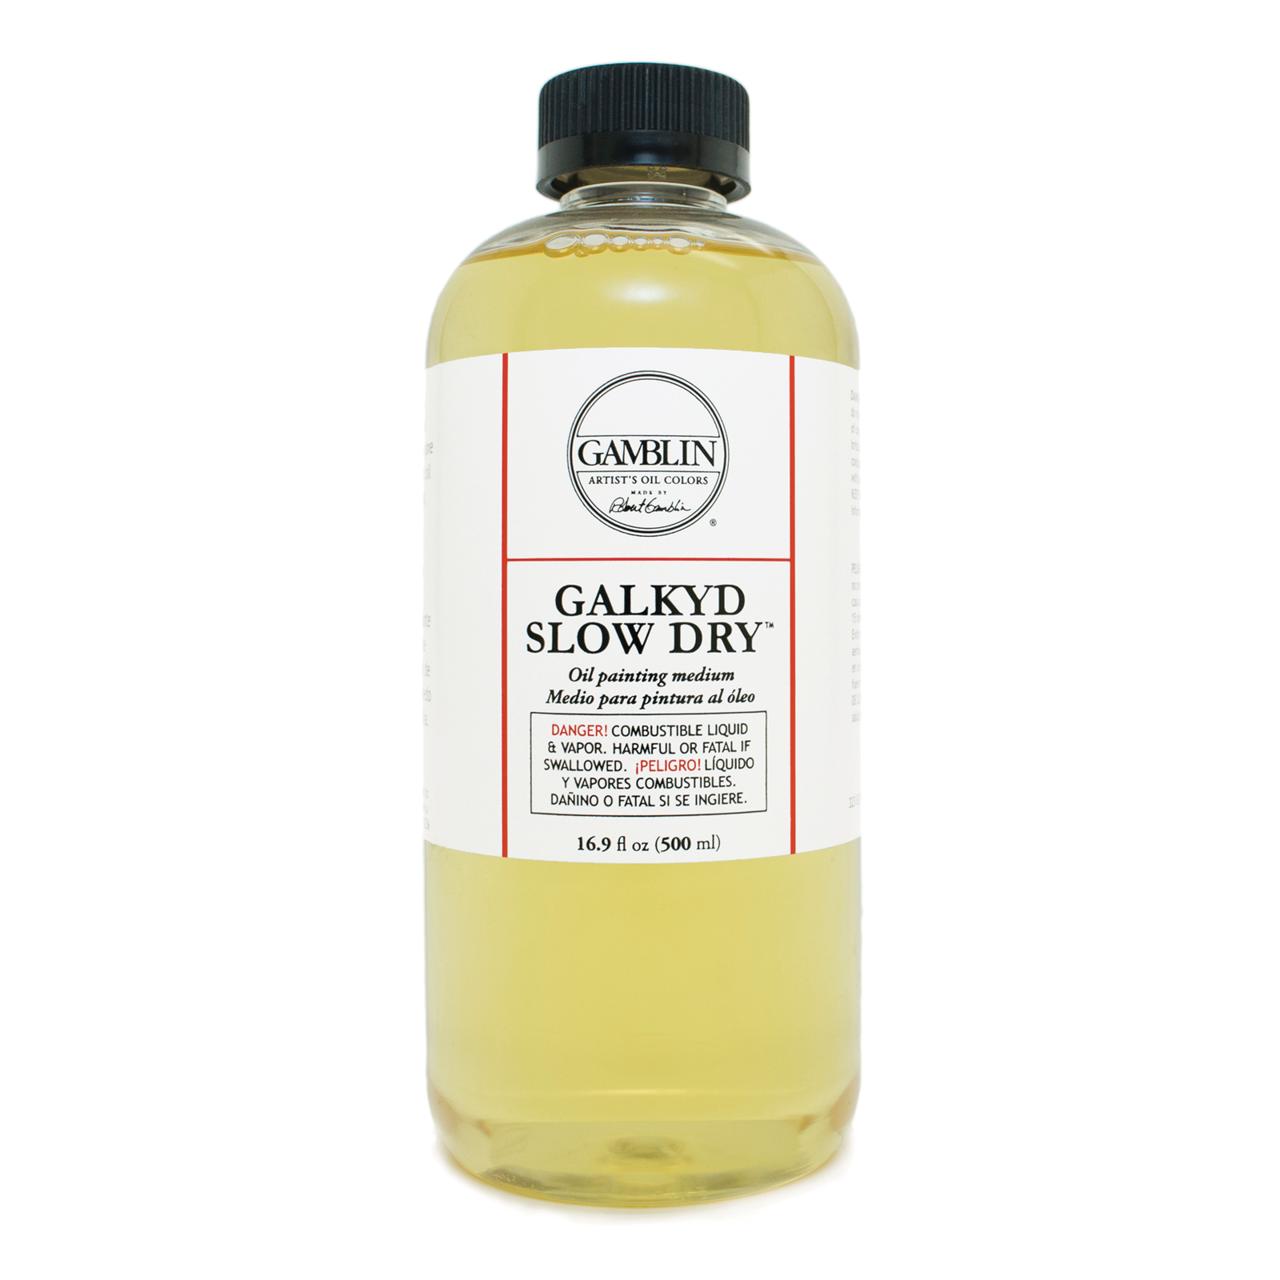 GALKYD SLOW DRY MEDIUM 16.9 OZ